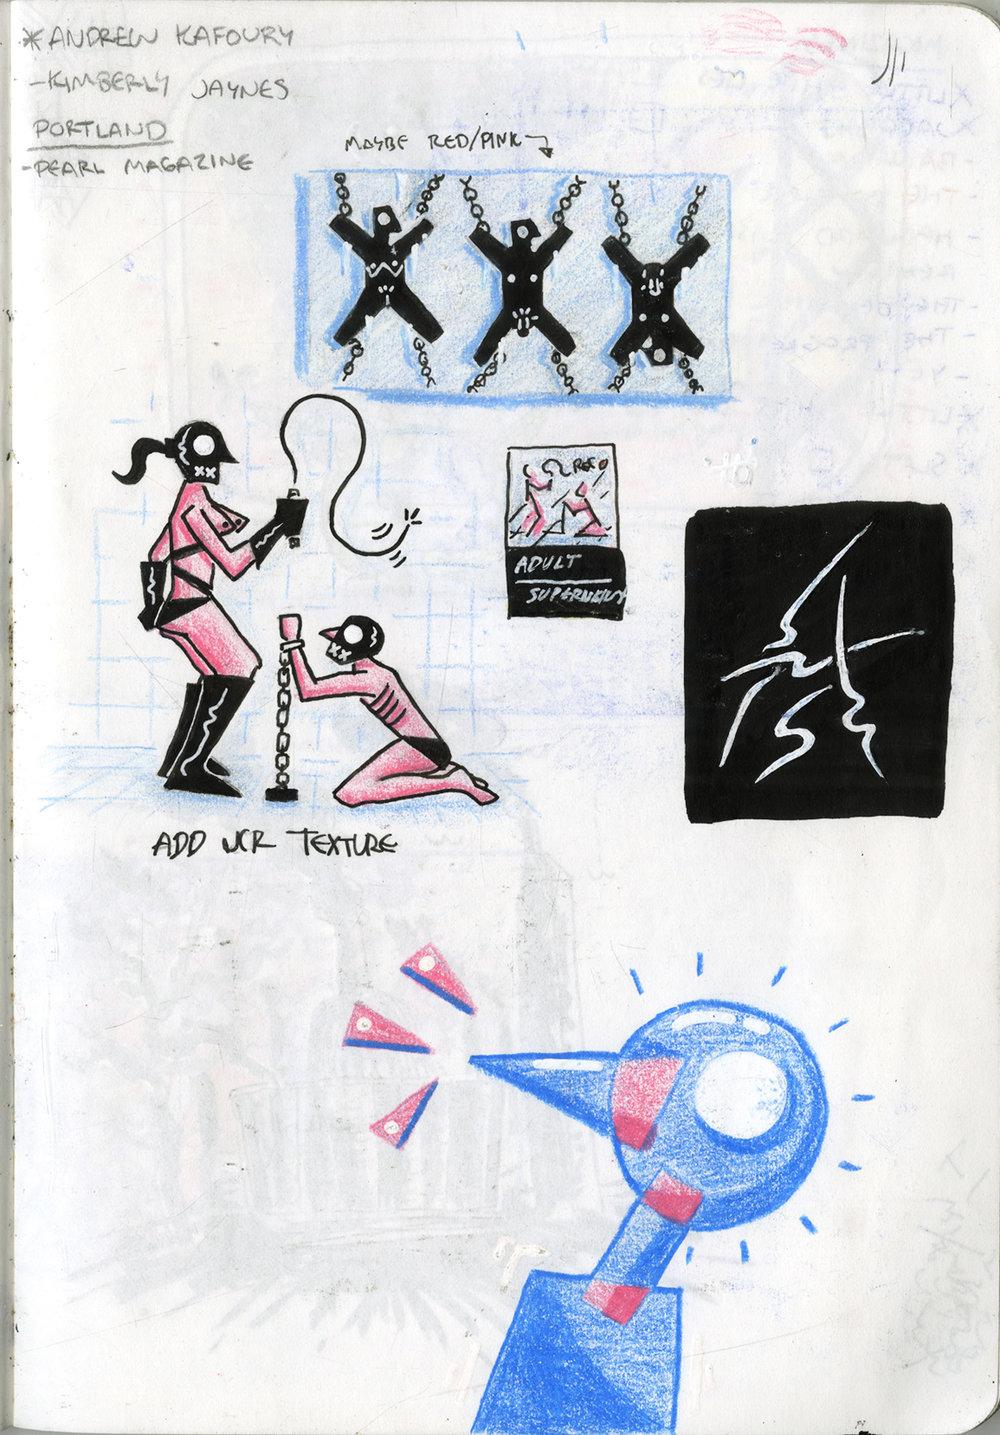 new_floppy_sketchbook_2_edits_23.jpg